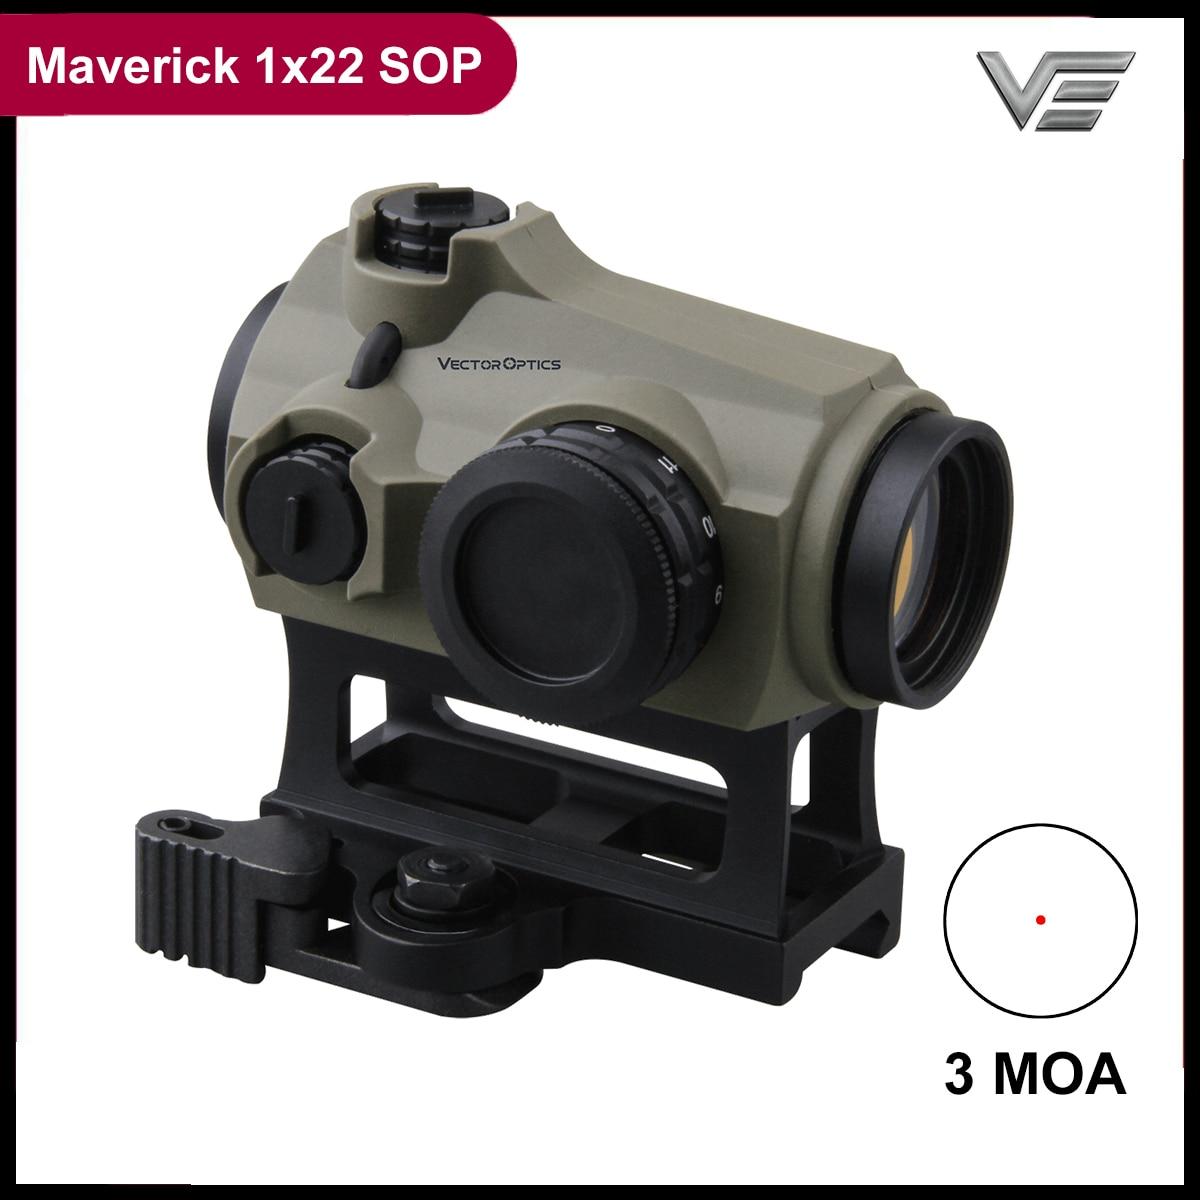 otica do vetor maverick 1x22 sop red dot scope caca visao optica terra escura cobertura de